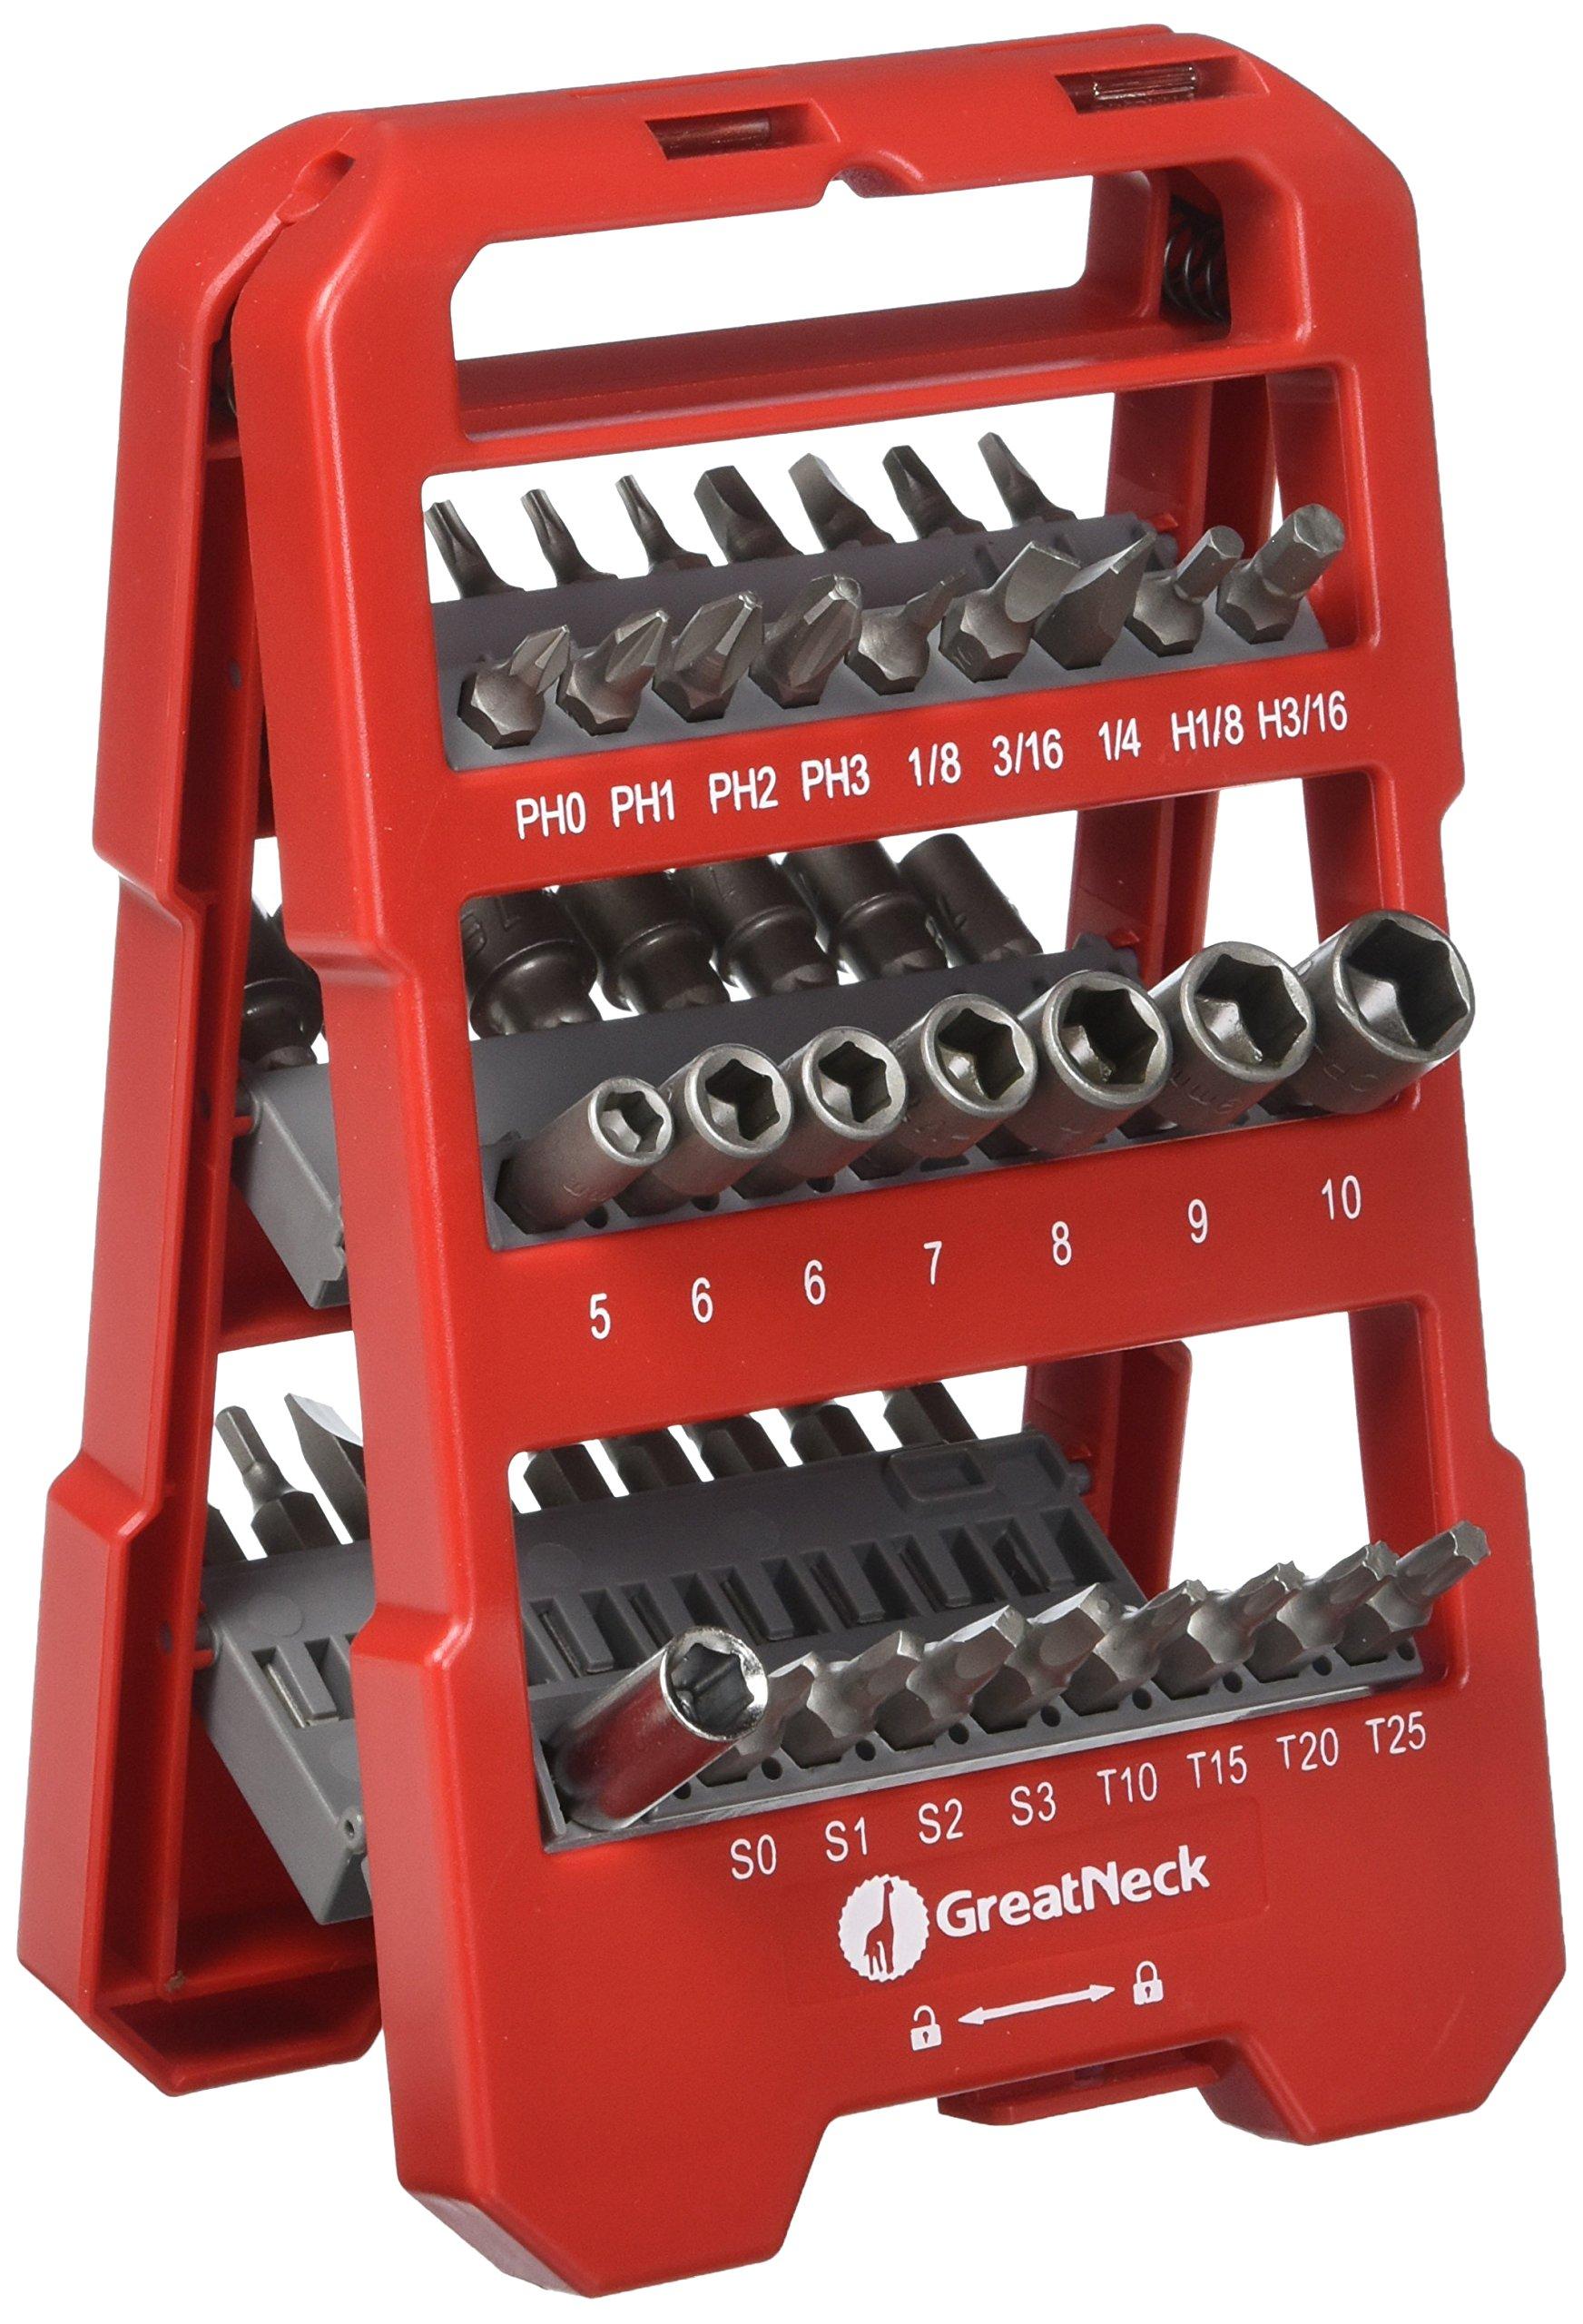 GreatNeck Set de 50 Pz. de destornillador de punta y vaso